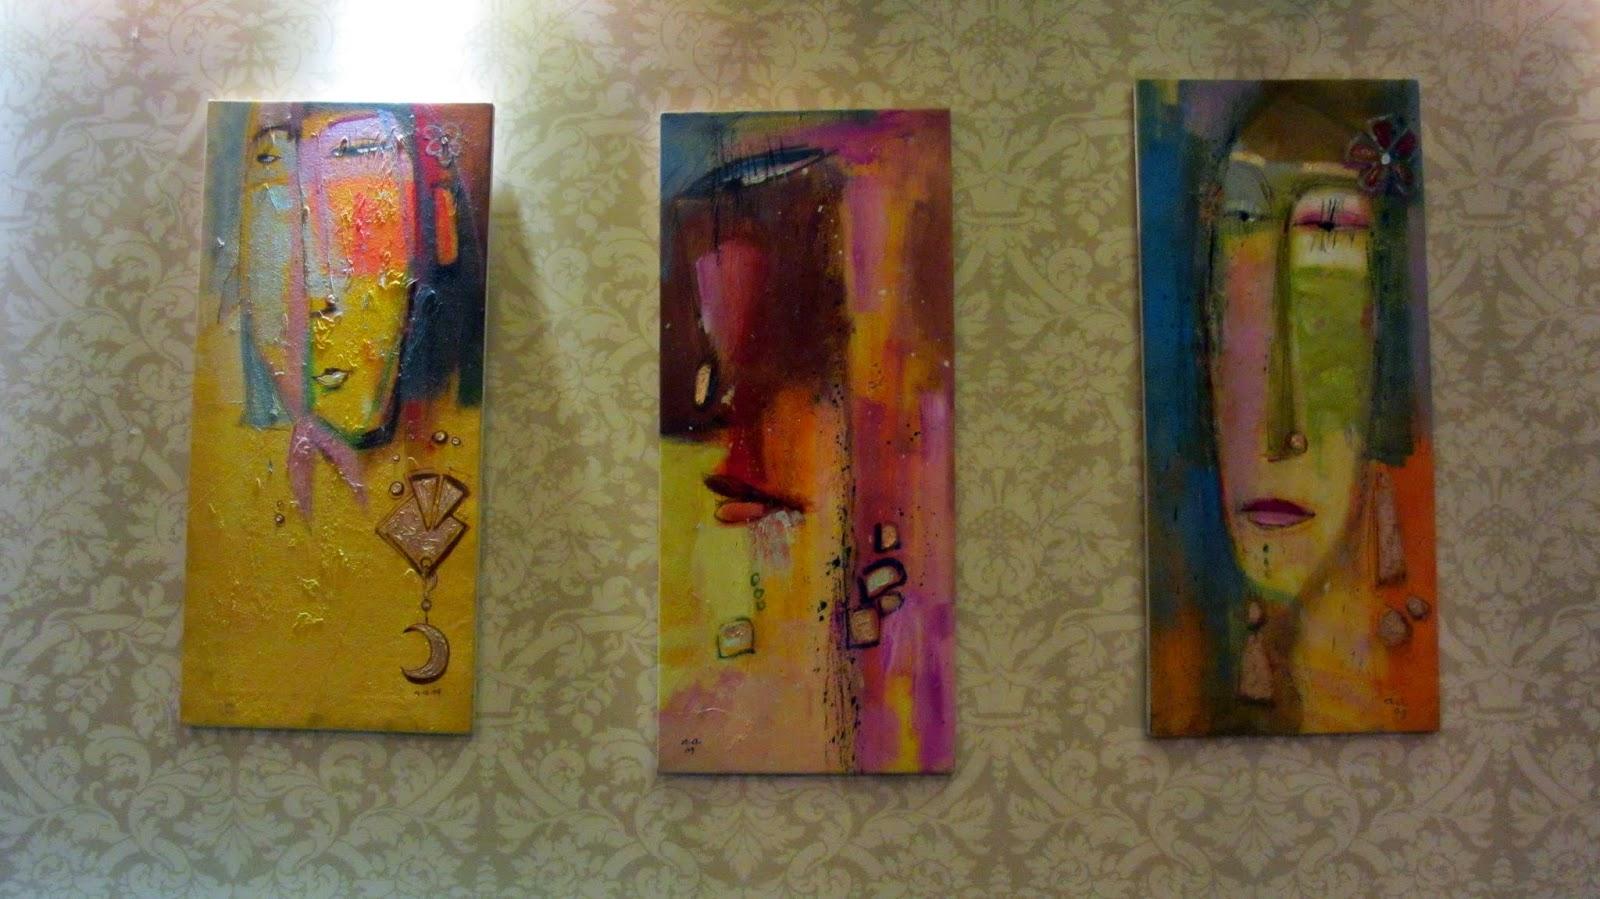 Paintings Acoustic Tea Lounge Al-Khobar Saudi Arabia blogging